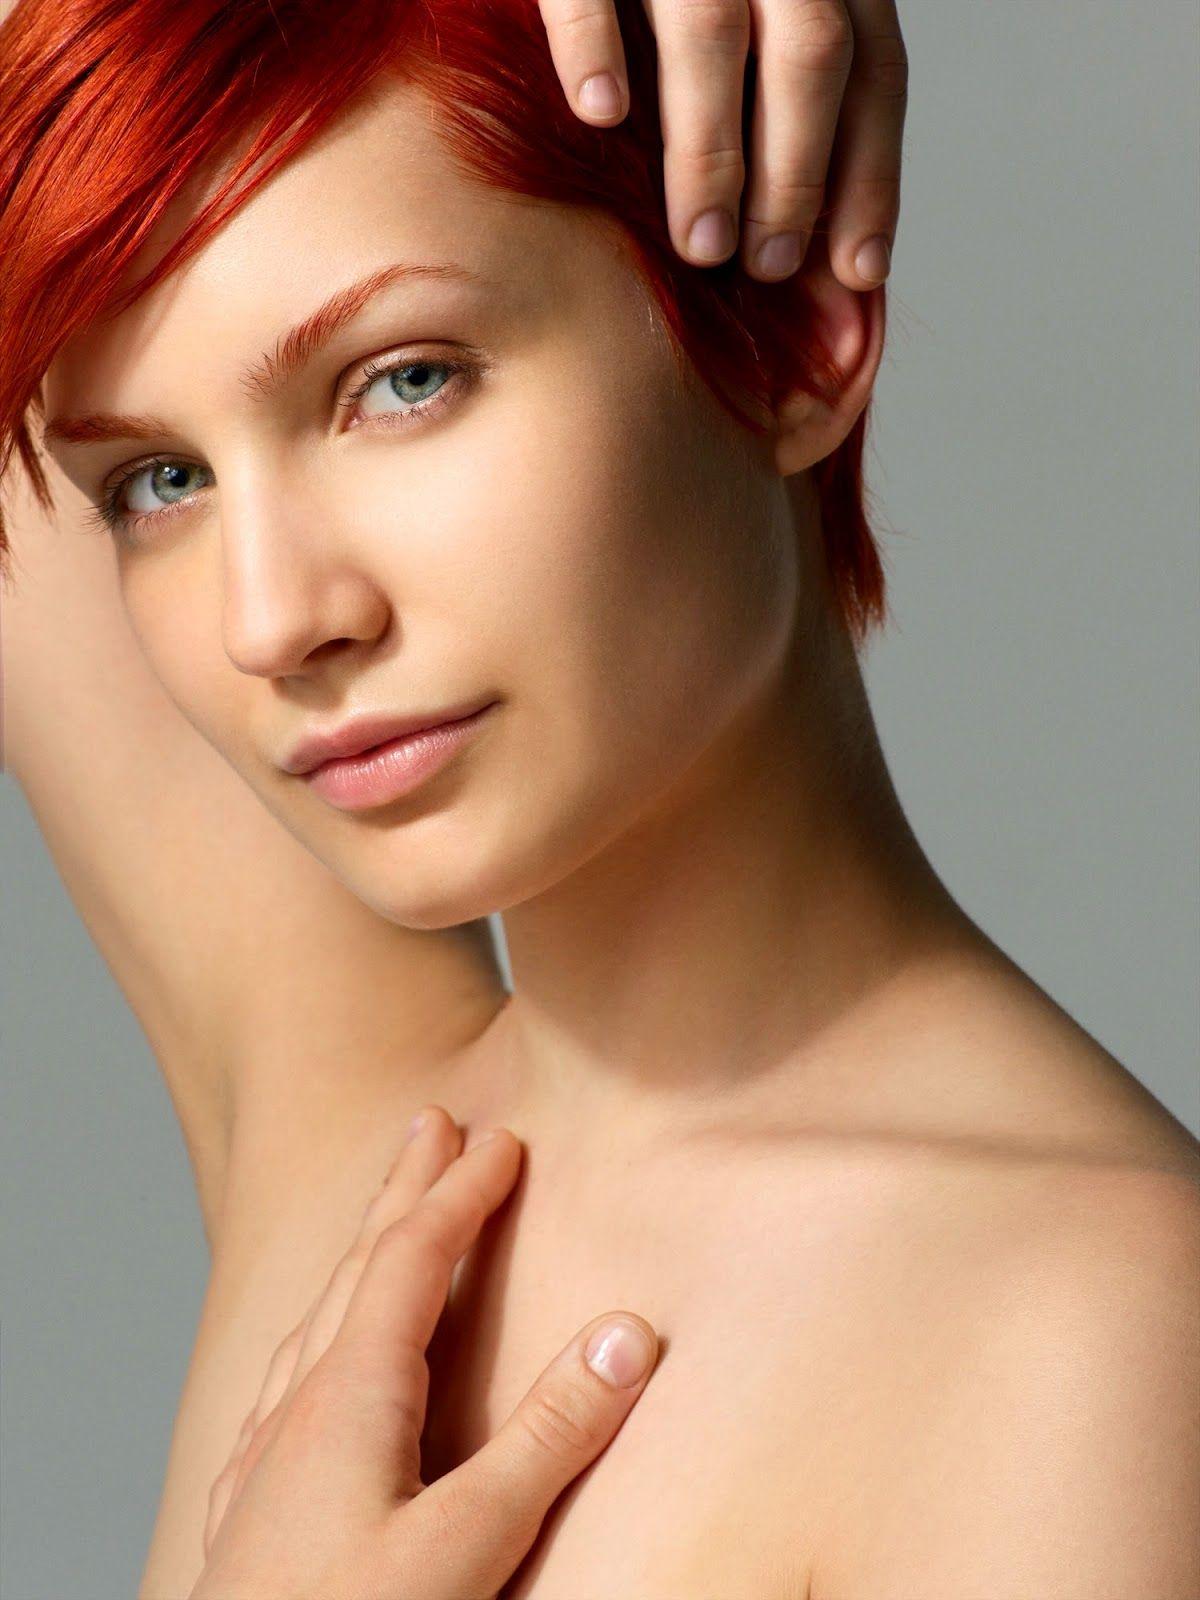 Photo Shoot 2: Nivea beauty shots - Nicole   Americas